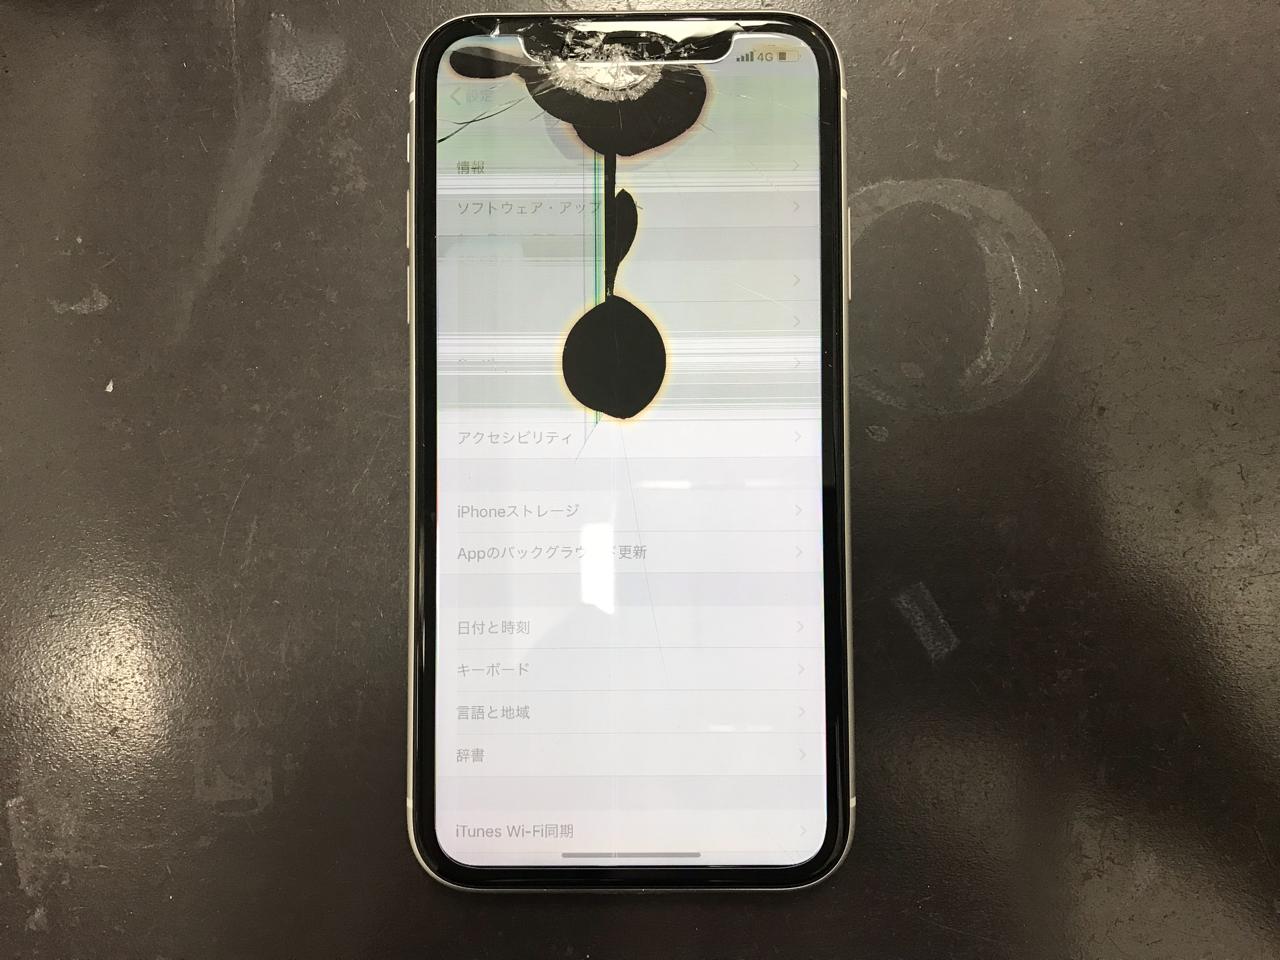 70b3c0f5-5e6e-4166-85f3-deb51068ae9d_1549791643_-1861072356 画面が割れて表示がおかしくなったiPhoneXの画面交換をしました!